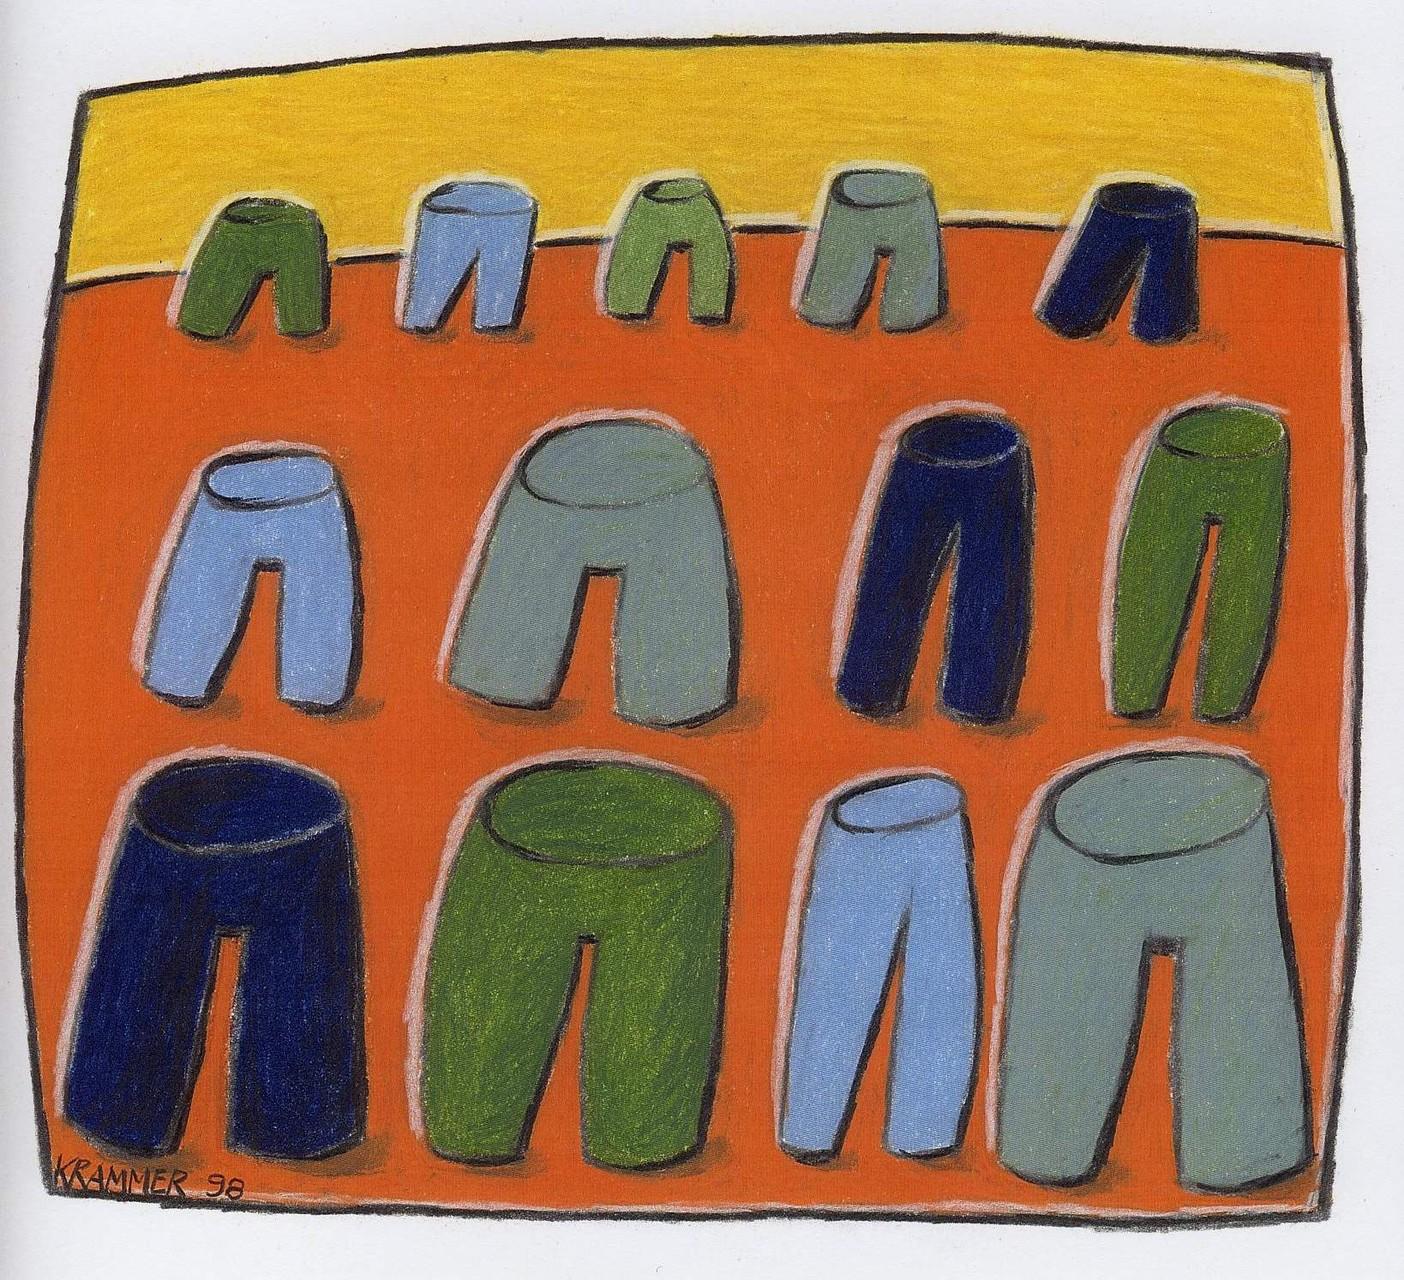 """""""Gute Freunde"""", 1998, Kreide und Farbstift auf Papier, ca. 222 x 24 cm"""